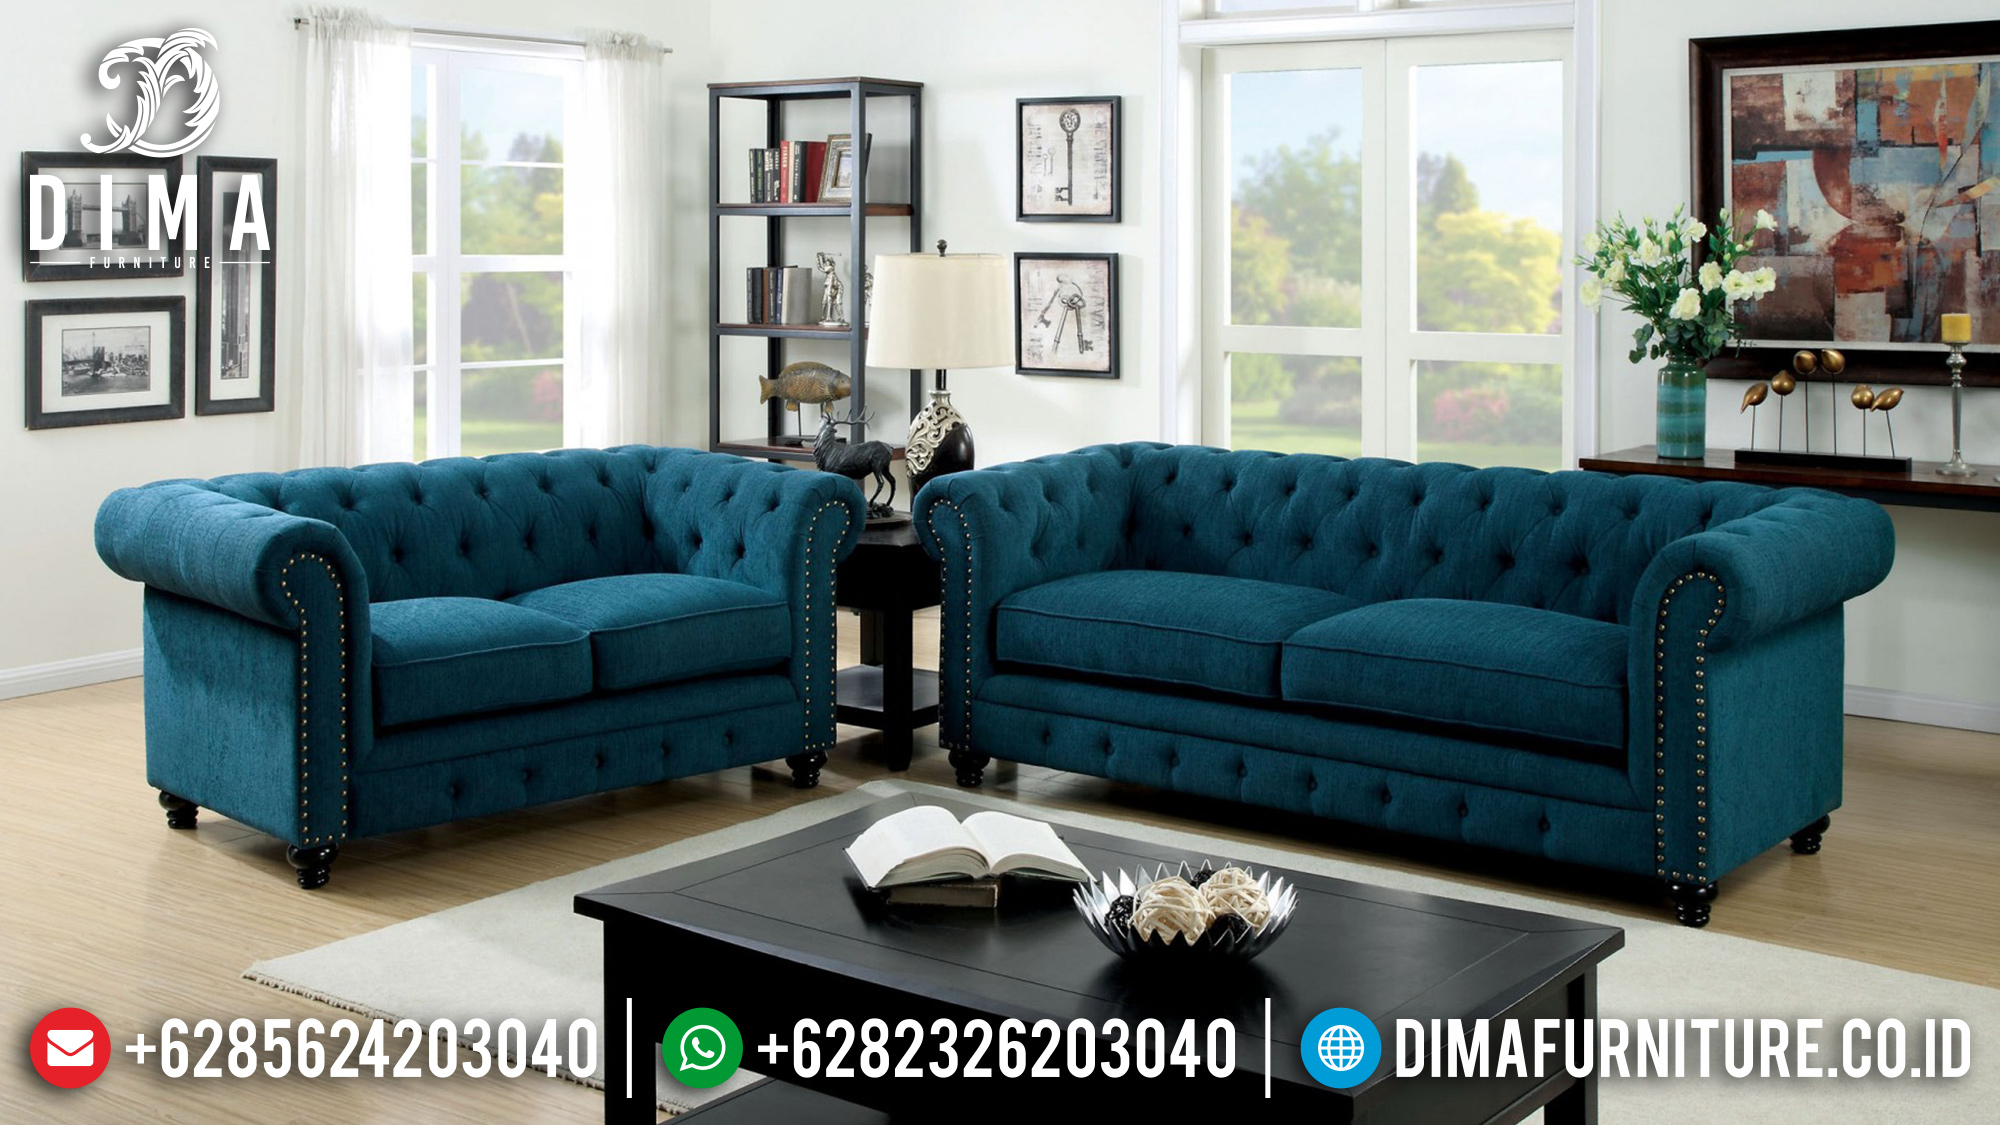 Jual Set Sofa Tamu Jepara Minimalis Mewah 2019 BT-0106